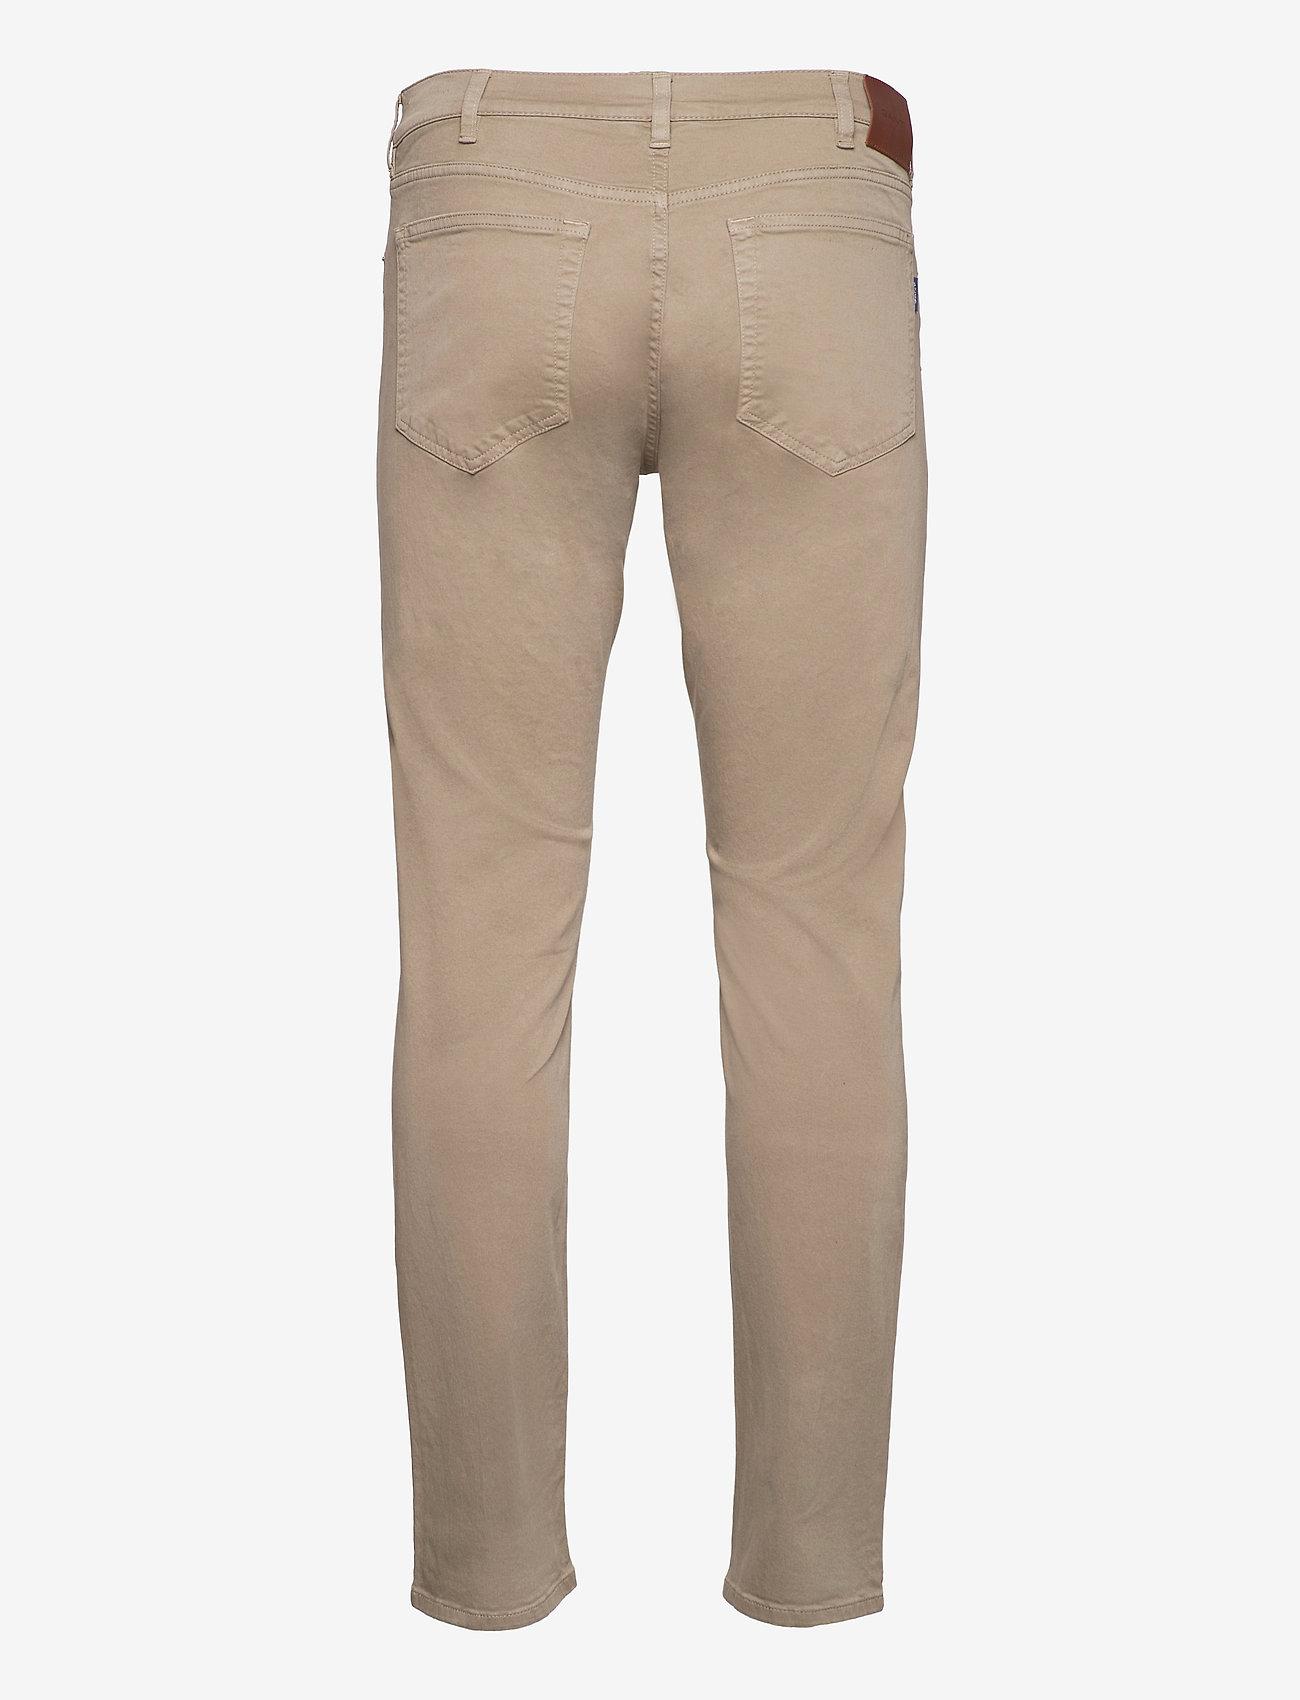 GANT - REGULAR DESERT JEANS - regular jeans - desert brown - 1